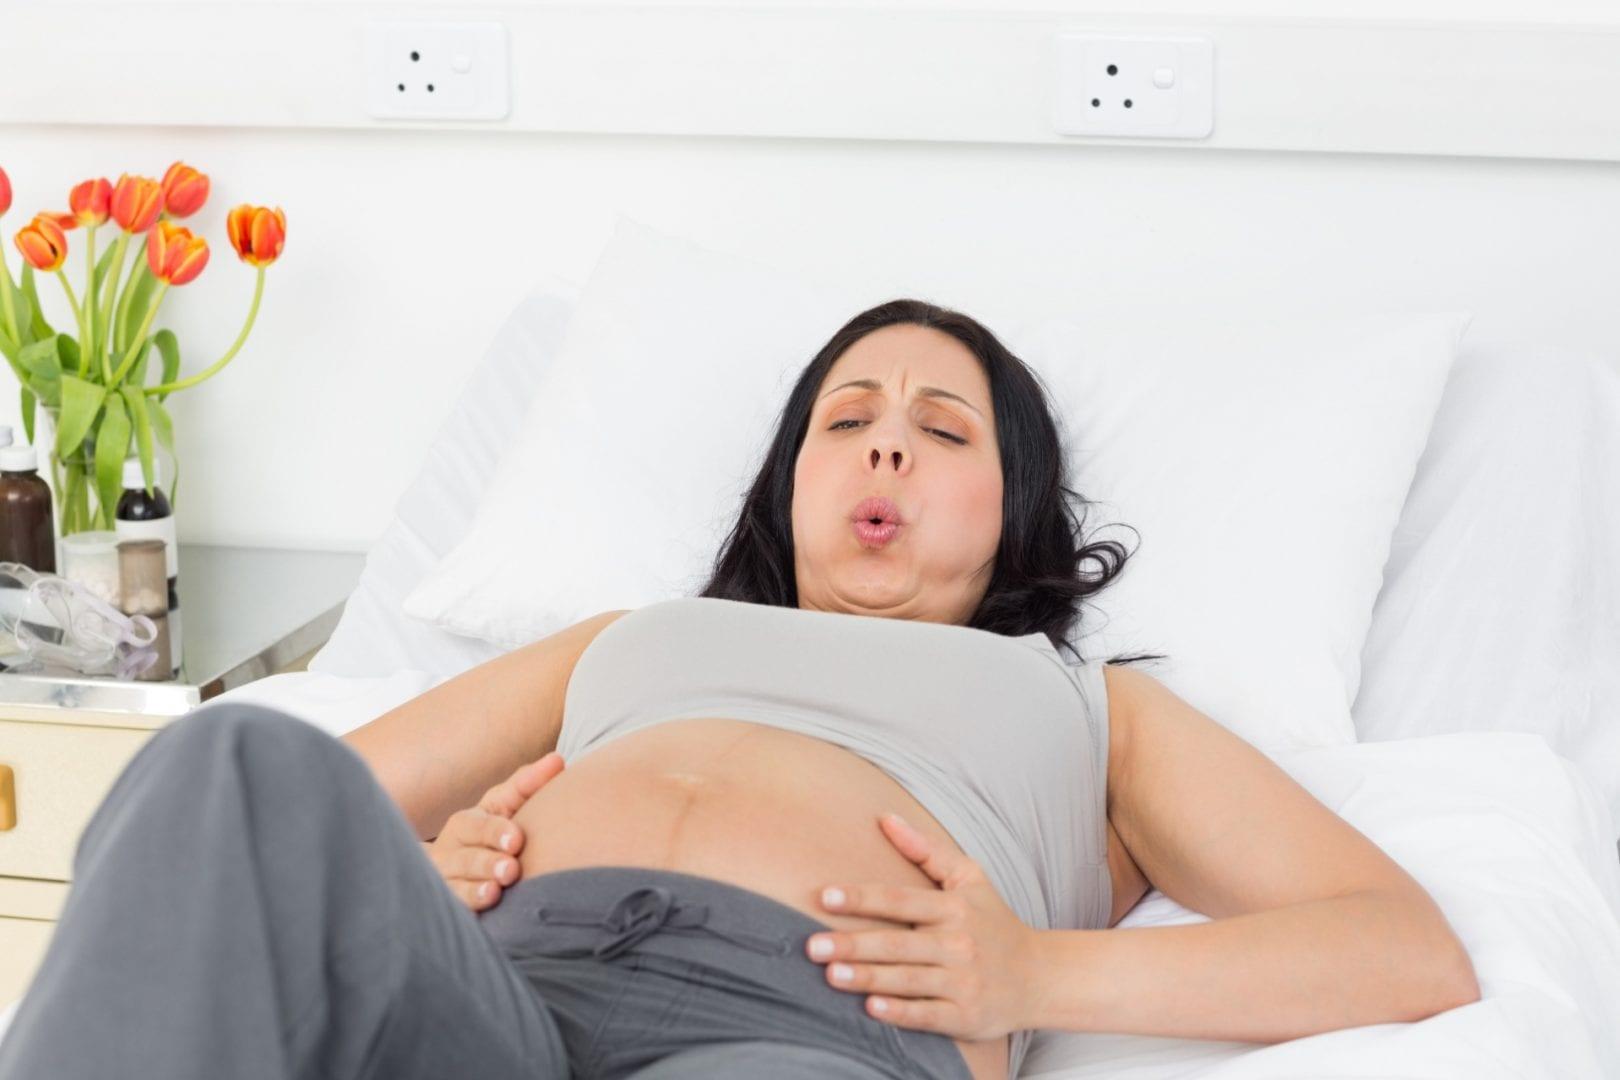 Trabalho do parto - estágios, dicas e curiosidades